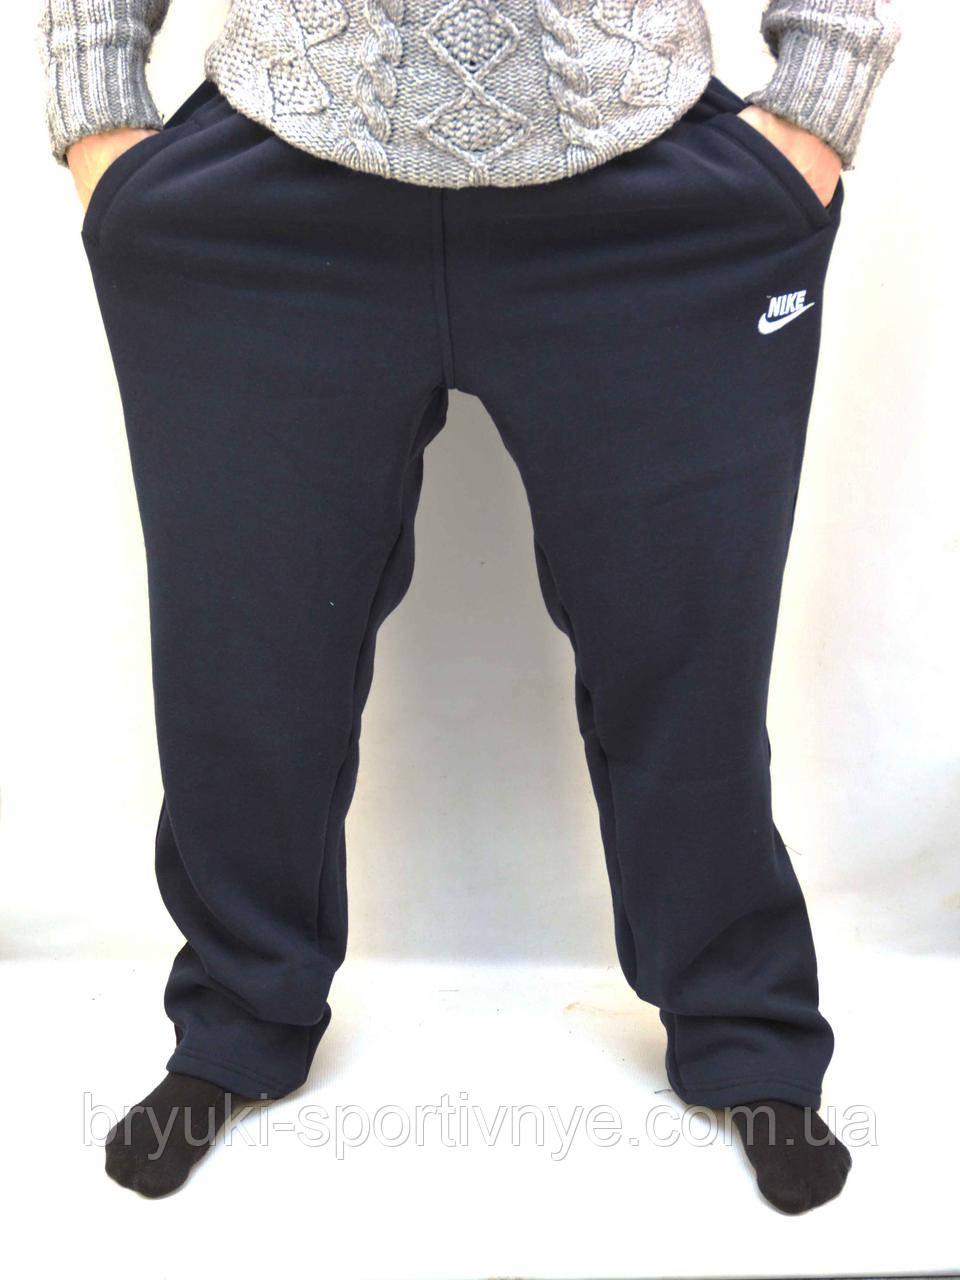 Штаны спортивные зимние Nike в больших размерах